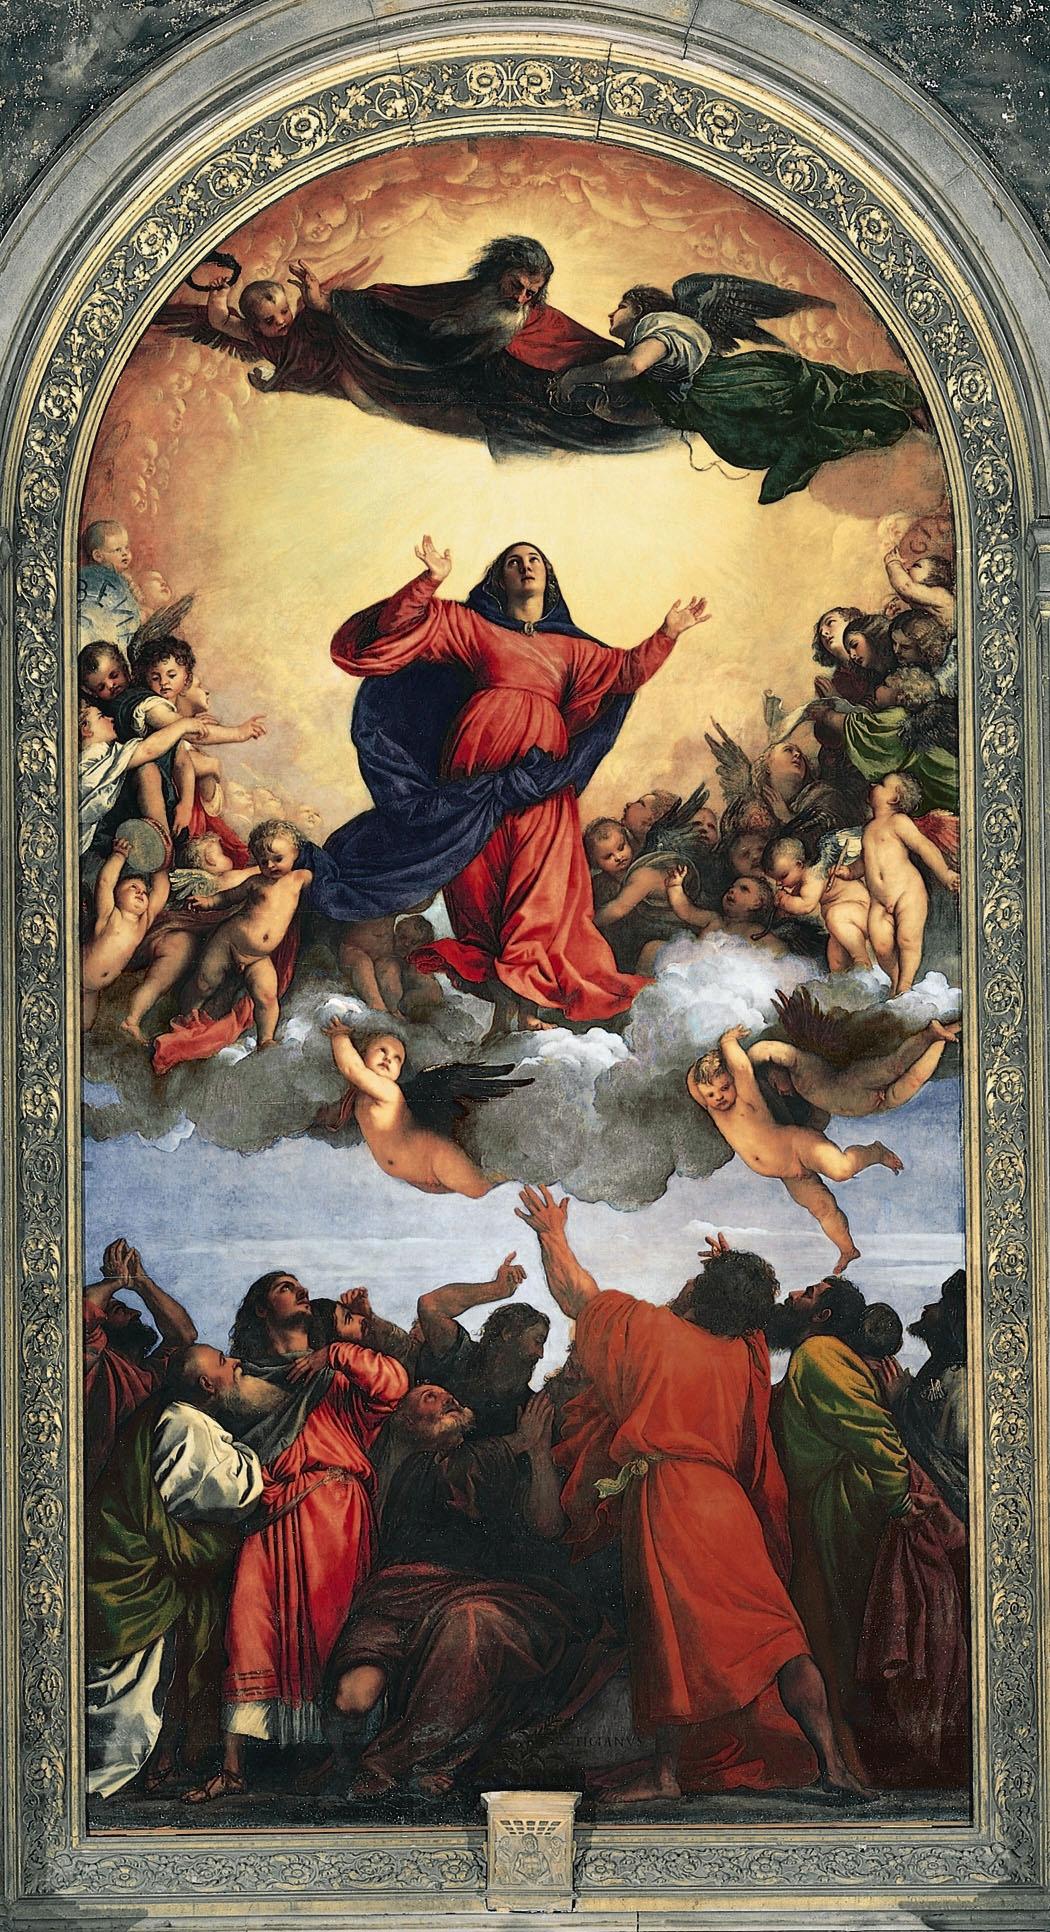 Assumption, Titian (1516–1518)